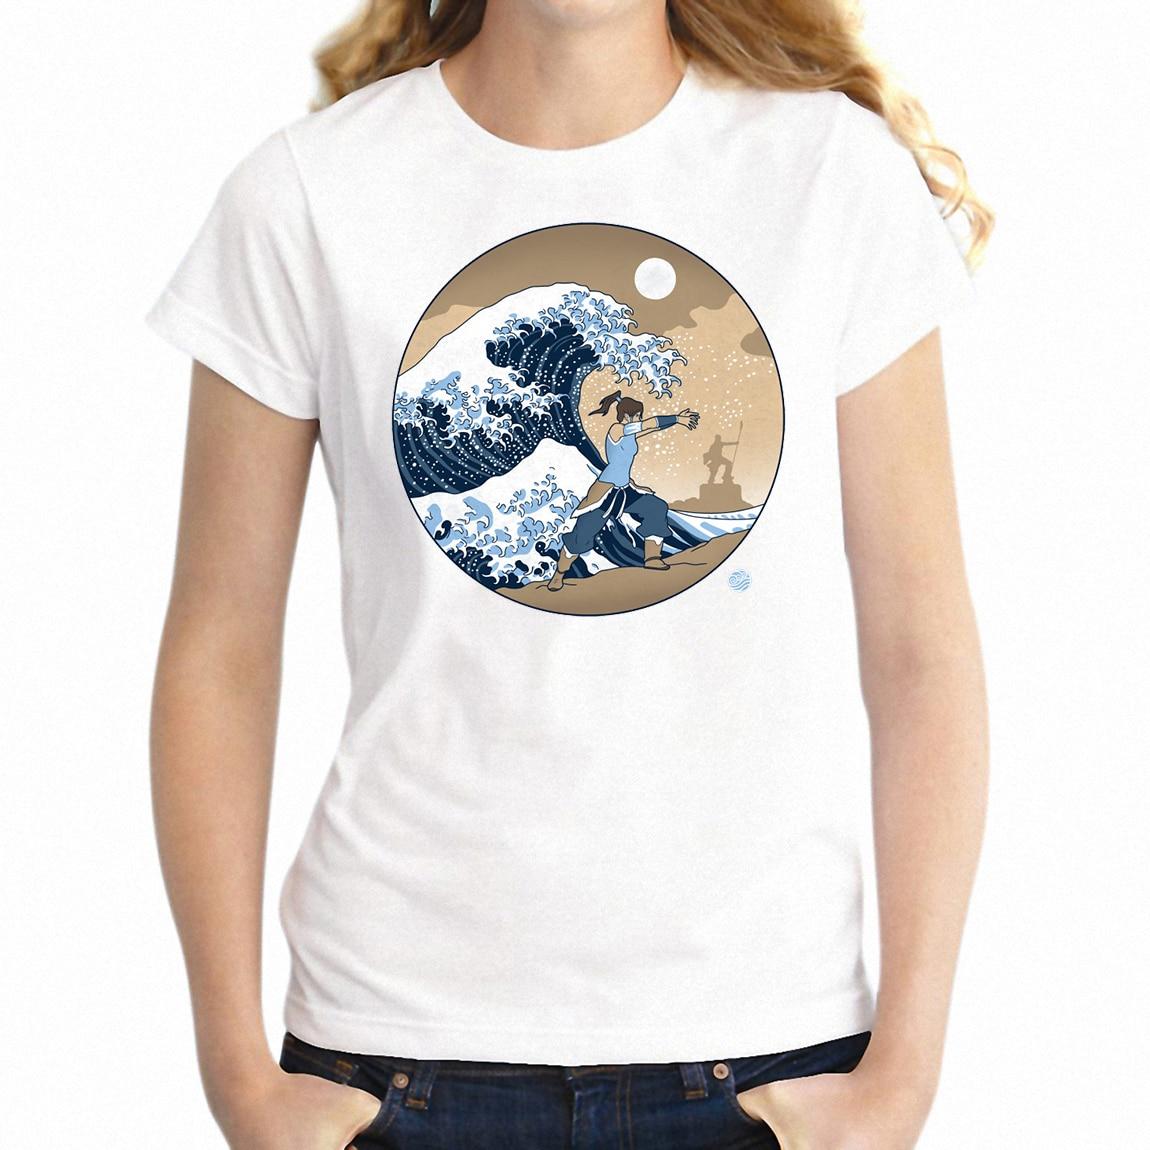 Women's T Shirt Great Wave Off Kanagawa The Legend of Korra Anime Lebien Badass Girl's Tee